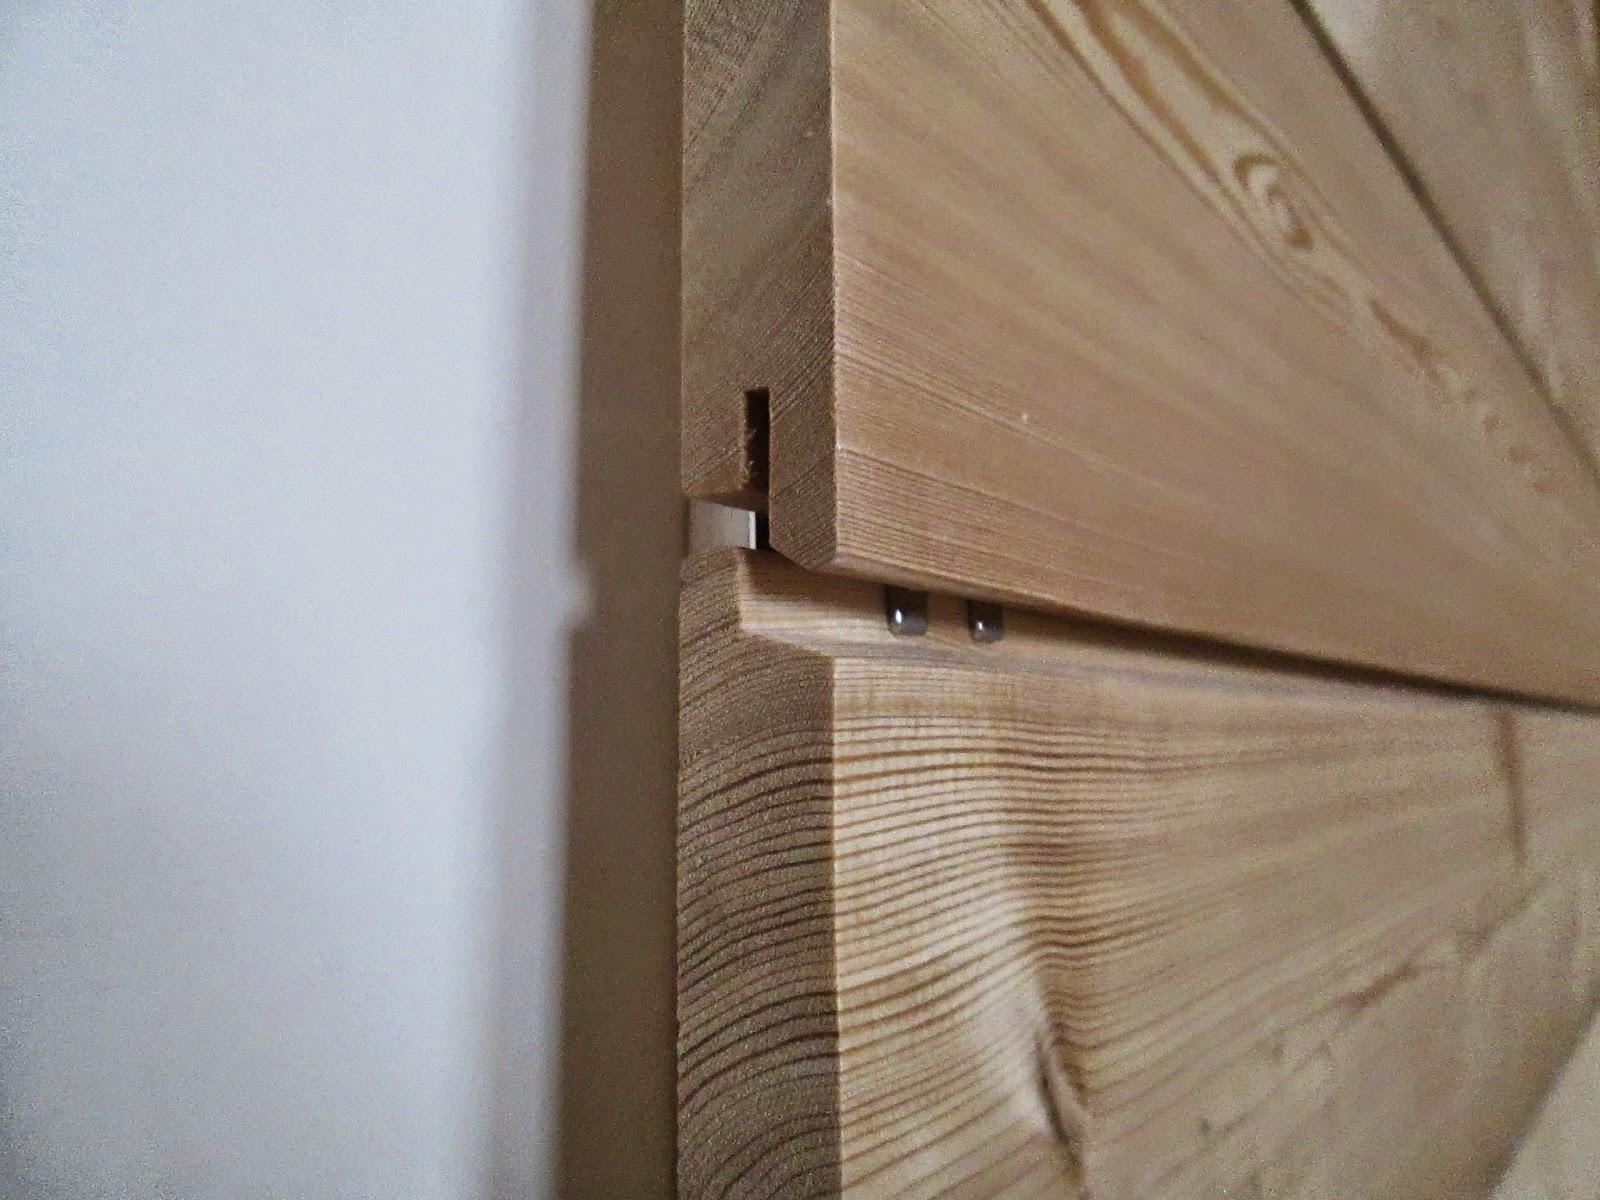 Parlando di legno sdm s a s di mozzato legno per for Perline in legno per pareti prezzi